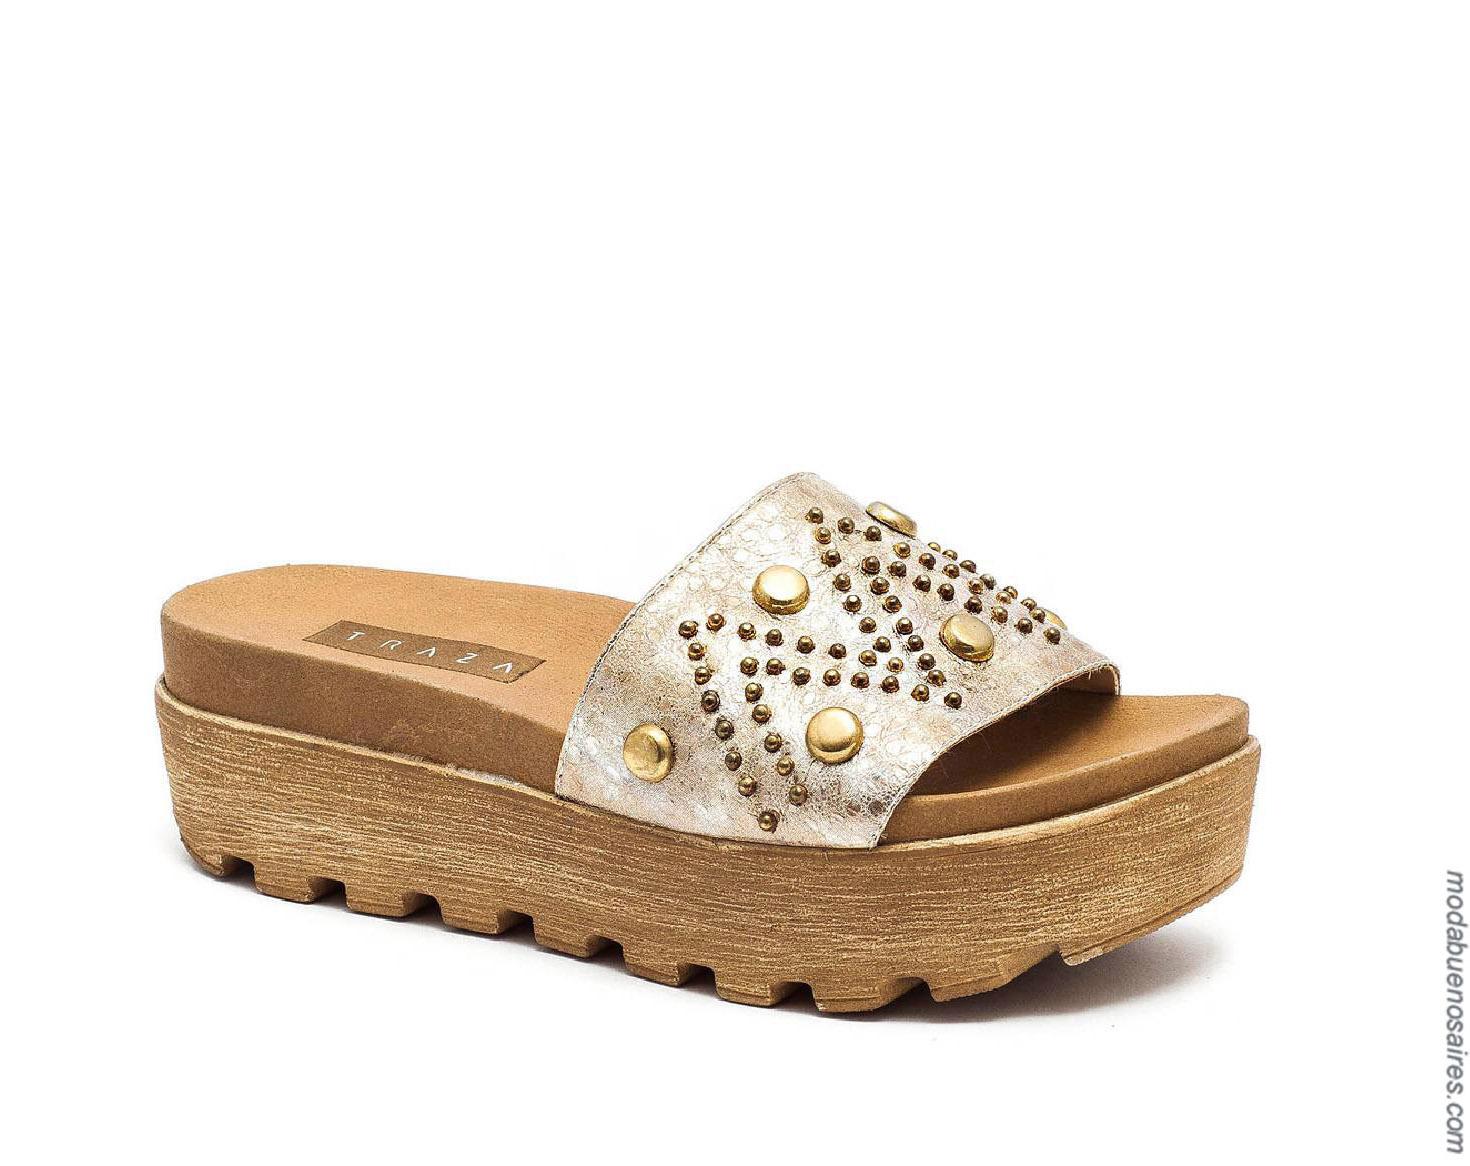 Sandalias primavera verano 2020 moda mujer.